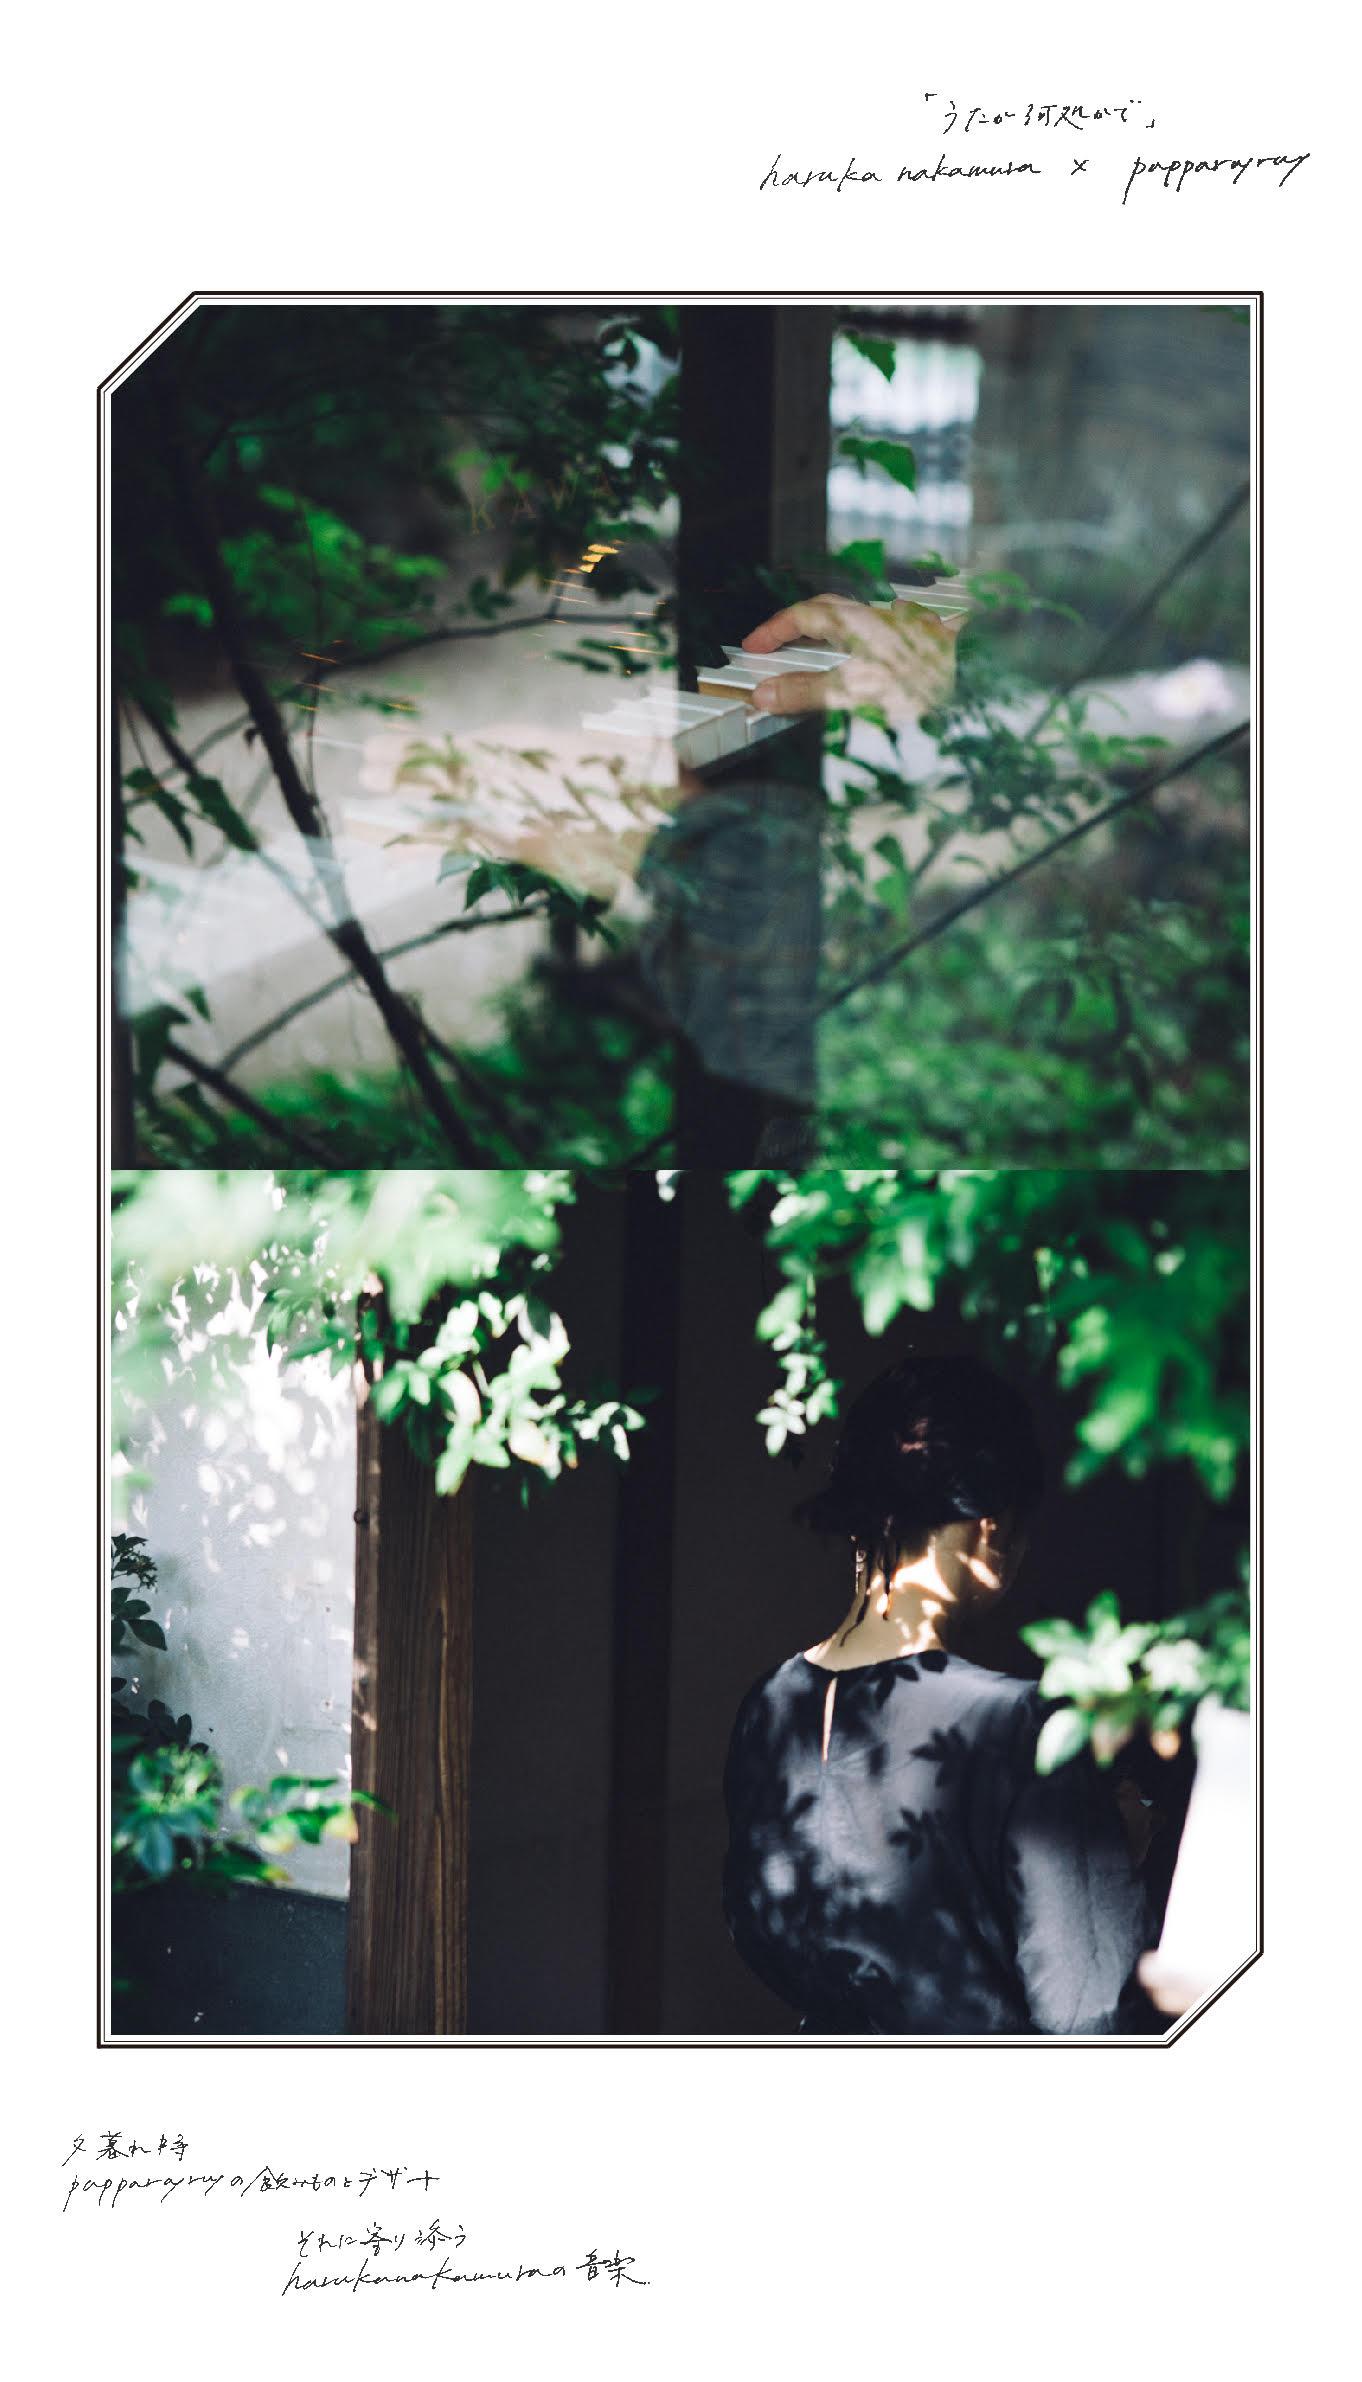 「うたが何処かで」haruka nakamura × papparayray 第四夜